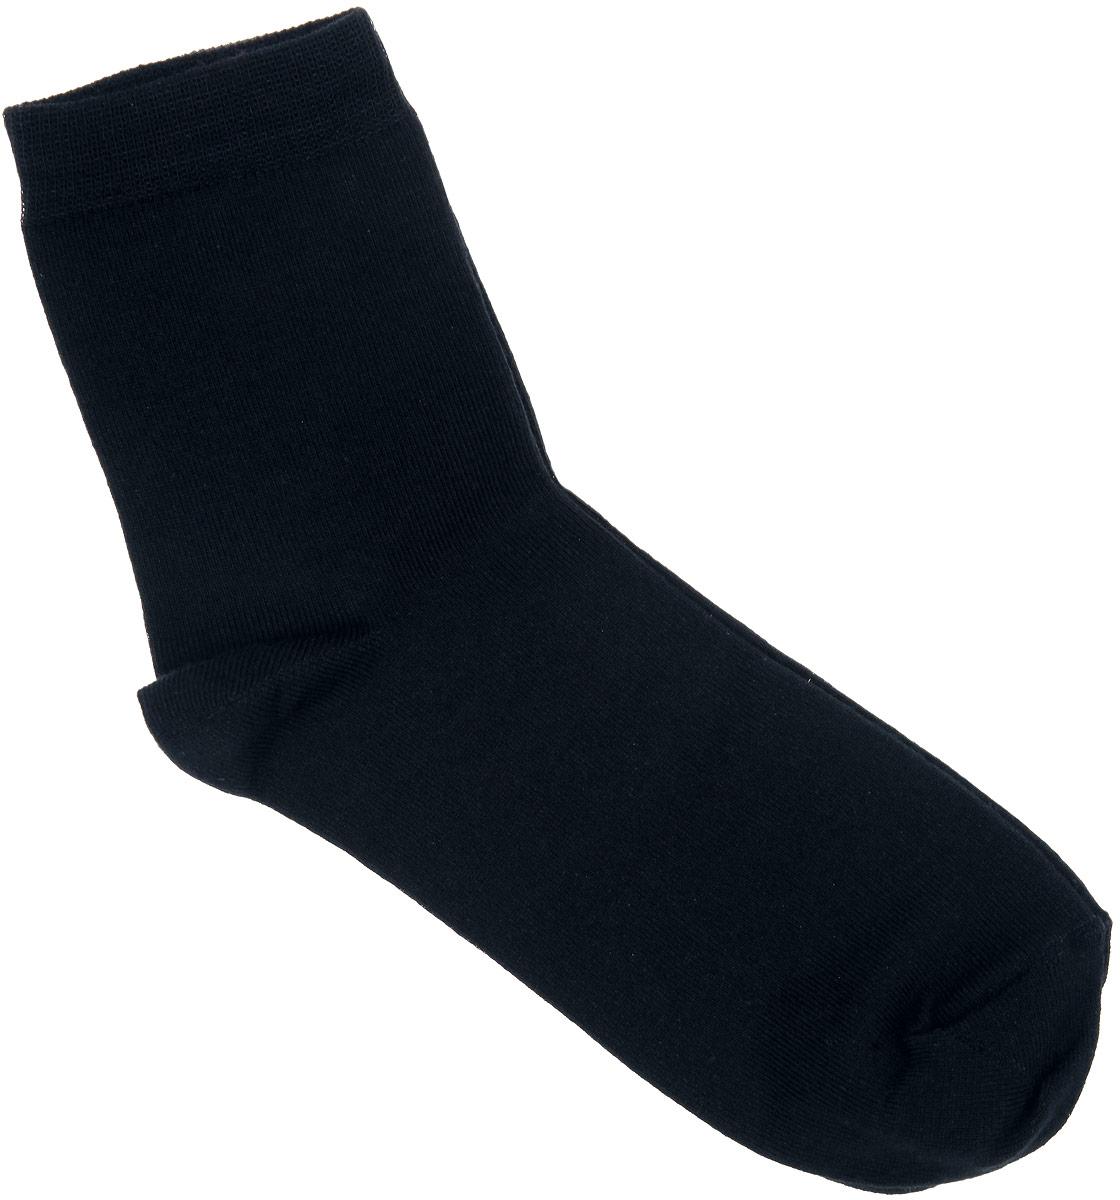 Носки женские Alla Buone, цвет: черный. CD002. Размер 25 (38-40)002CDУдобные носки Alla Buone, изготовленные из высококачественного комбинированного материала, очень мягкие и приятные на ощупь, позволяют коже дышать. Эластичная резинка плотно облегает ногу, не сдавливая ее, обеспечивая комфорт и удобство. Носки с паголенком классической длины. Практичные и комфортные носки великолепно подойдут к любой вашей обуви.